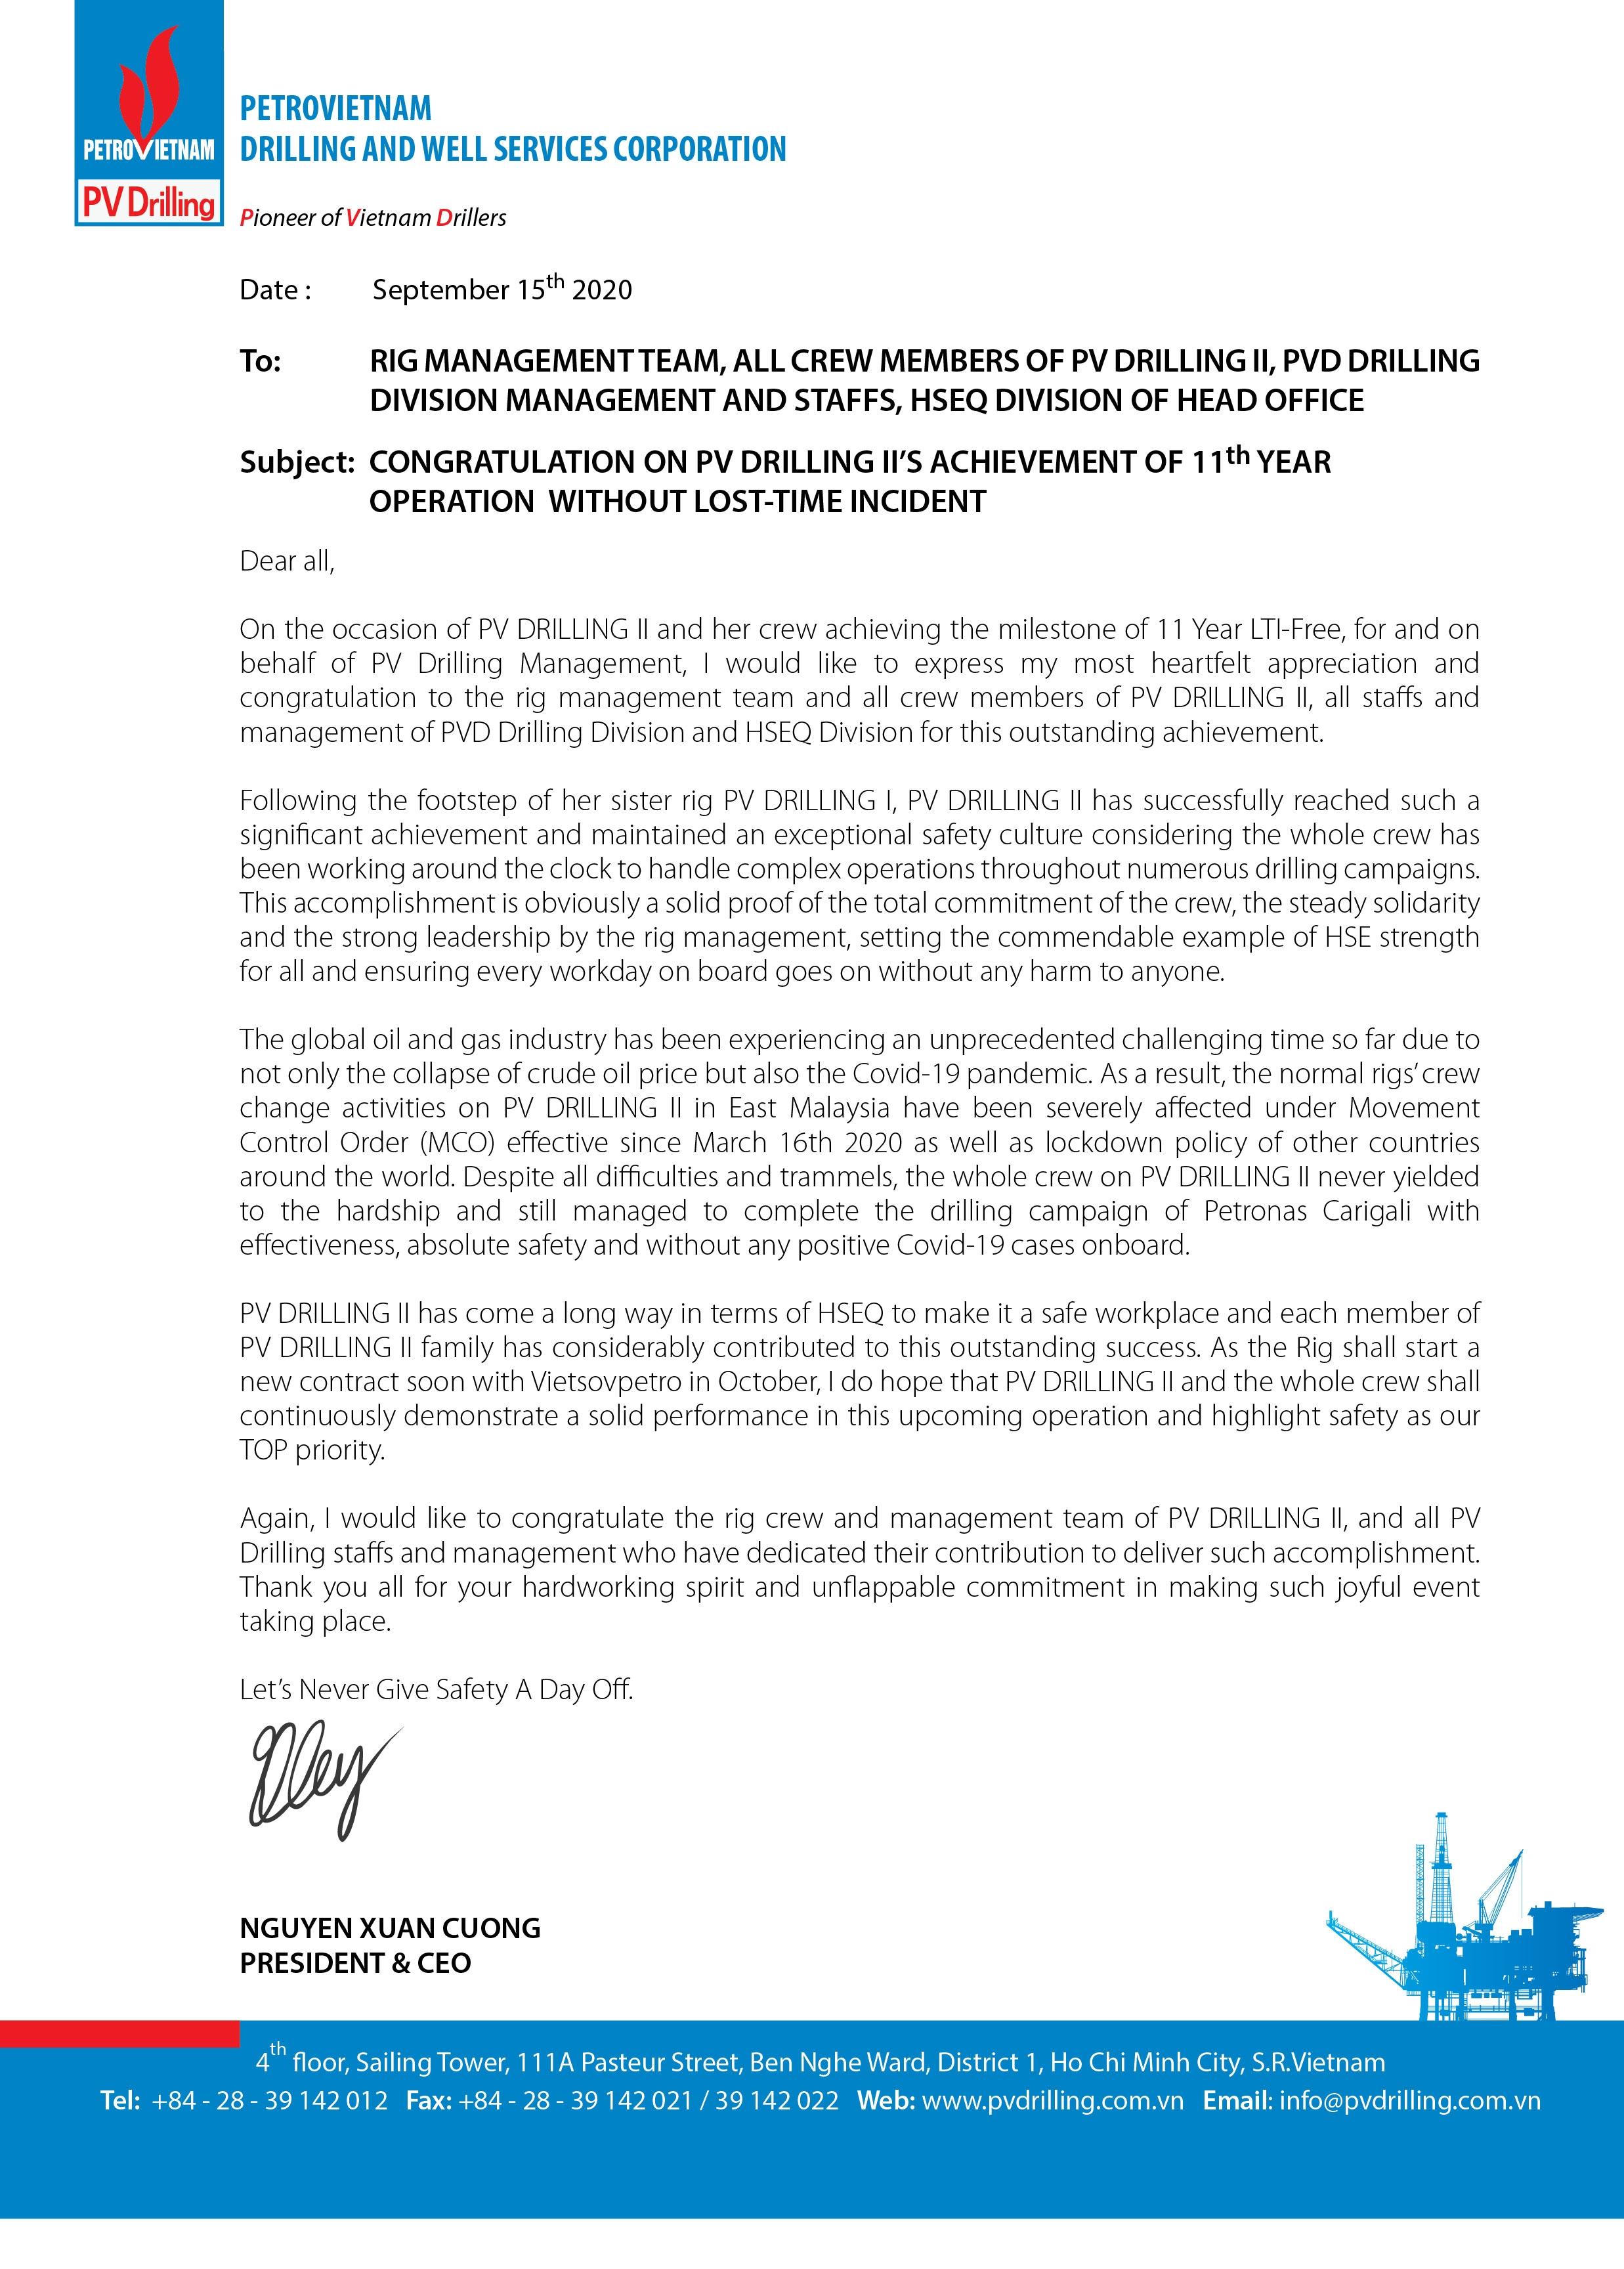 4253-congratulation-letter-on-pv-drilling-ii-11-year-zero-lti